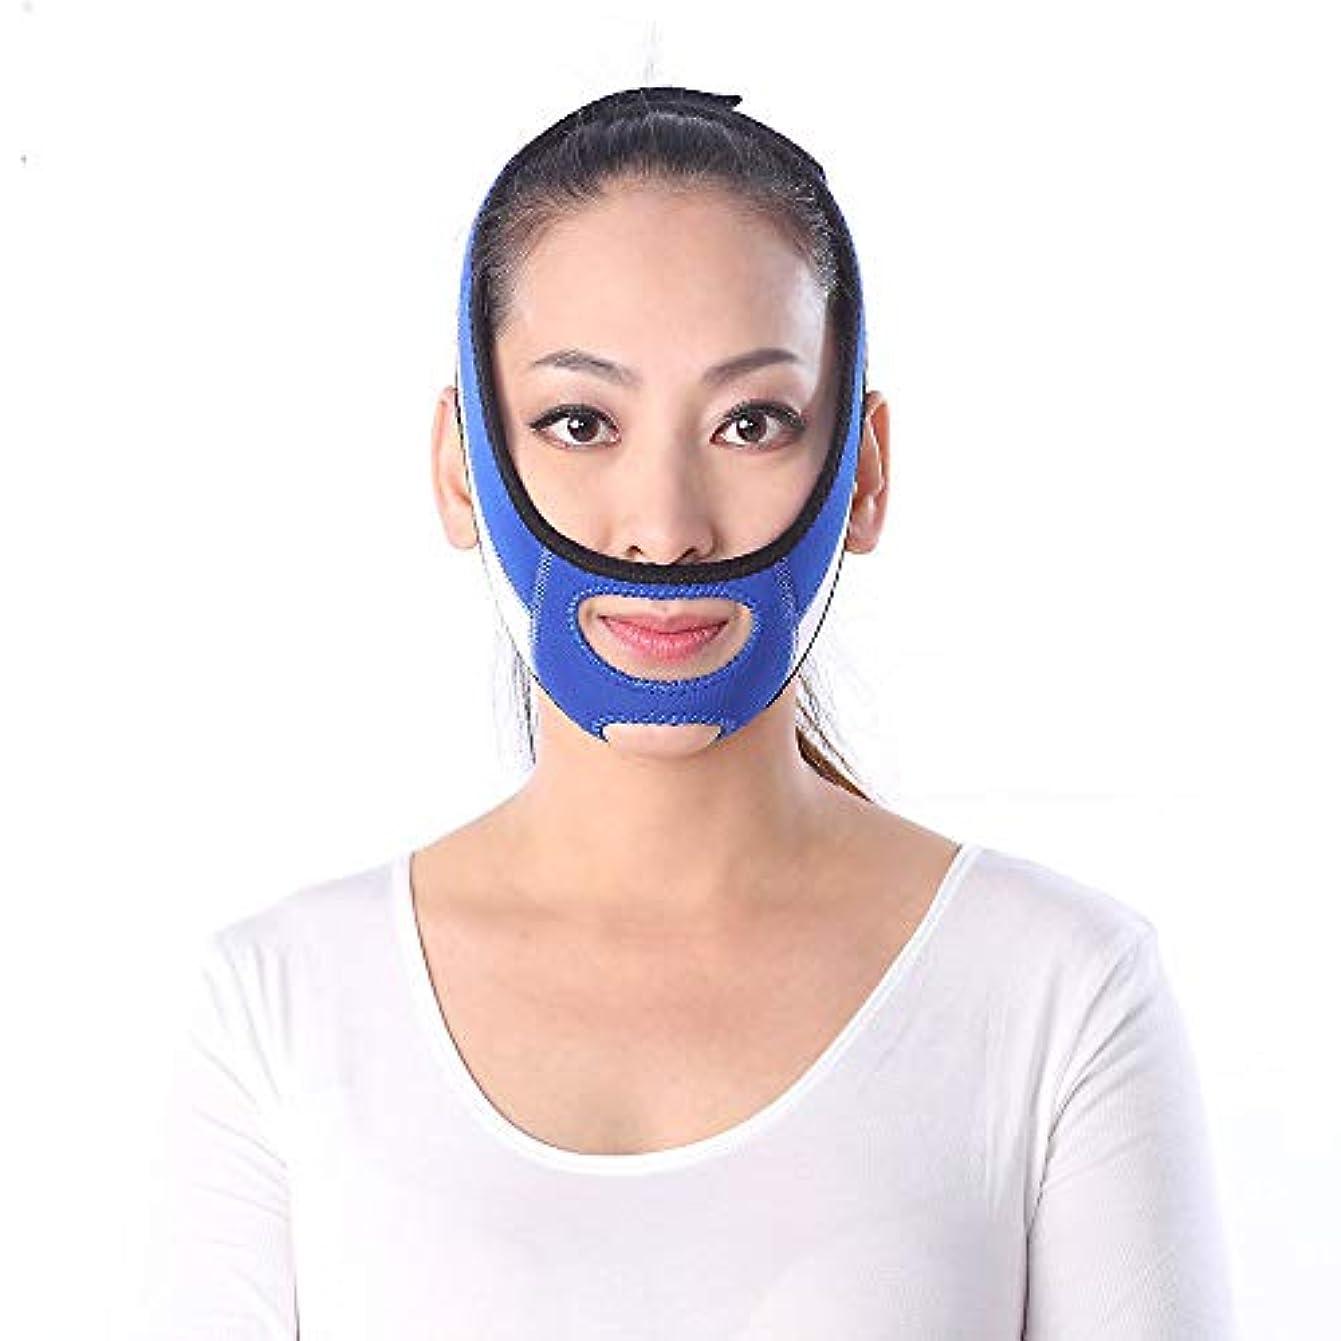 威信ワーム黒くするフェイスリフティング包帯、リフティングダブルあご顔補正ツール/フェイスマスク/スモールVフェイスアーチファクト(青)